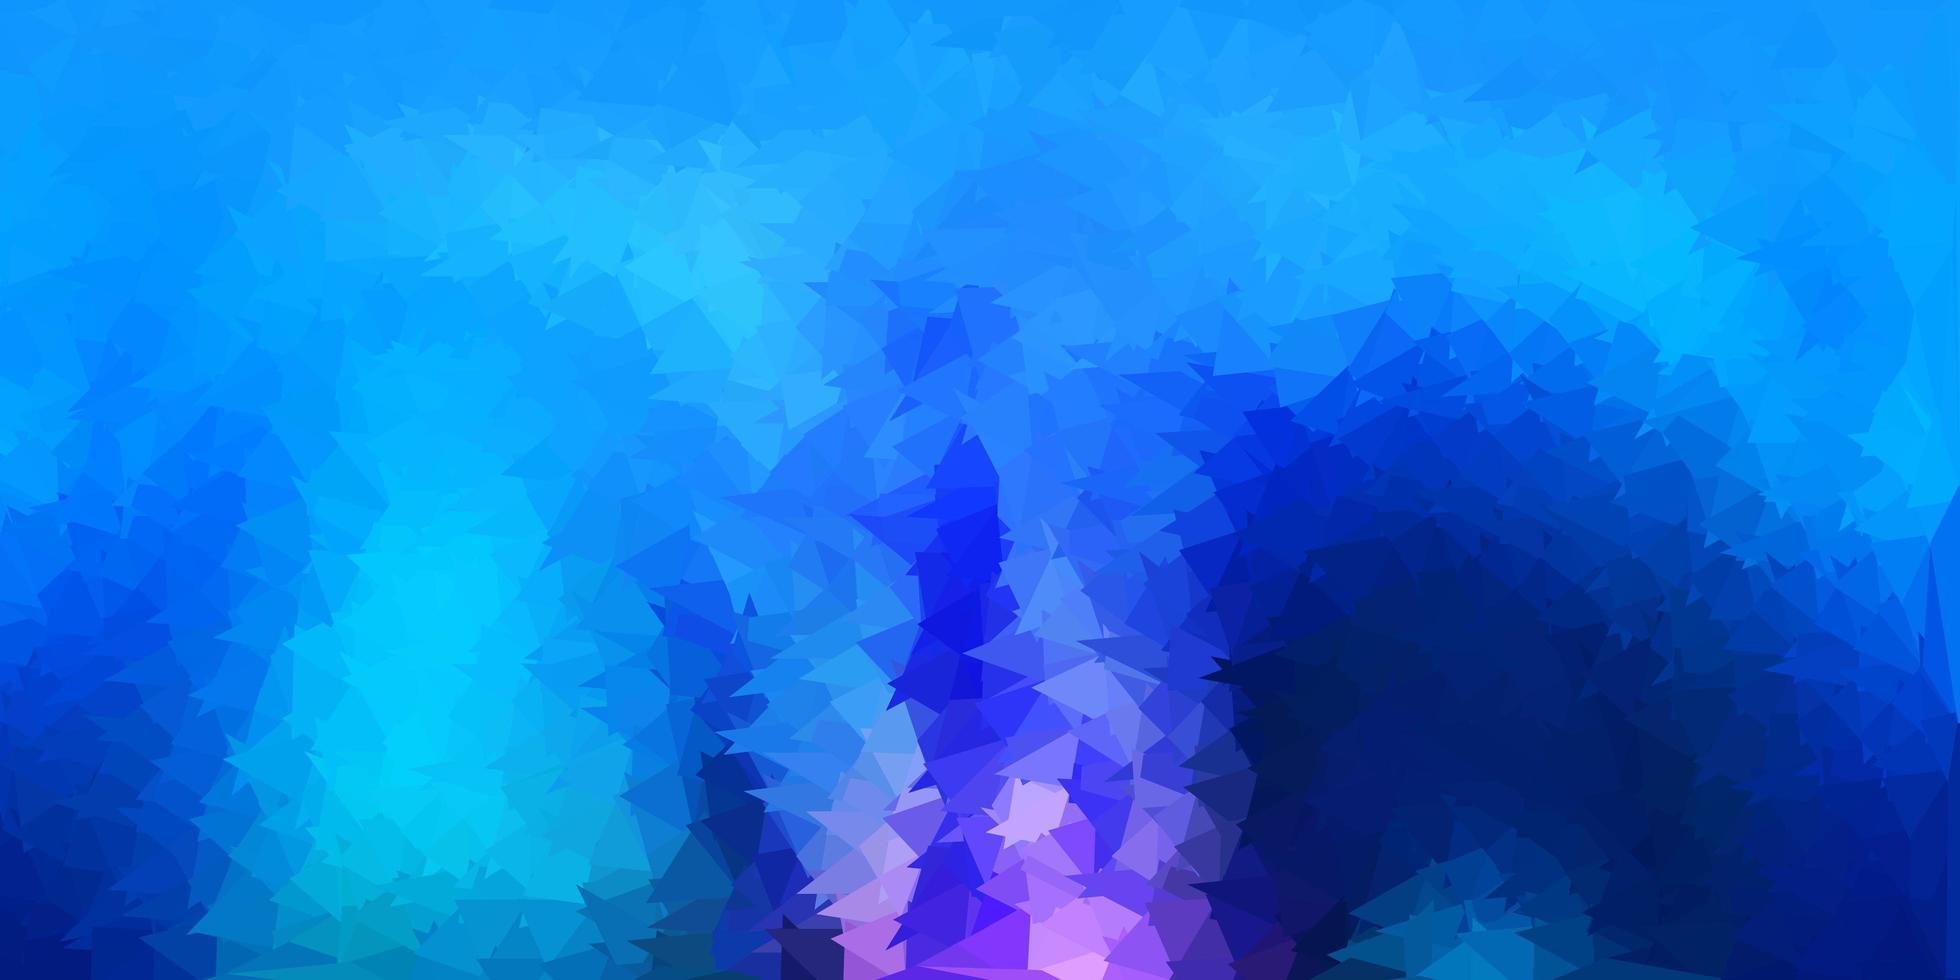 modèle de triangle poly vector rose foncé, bleu.